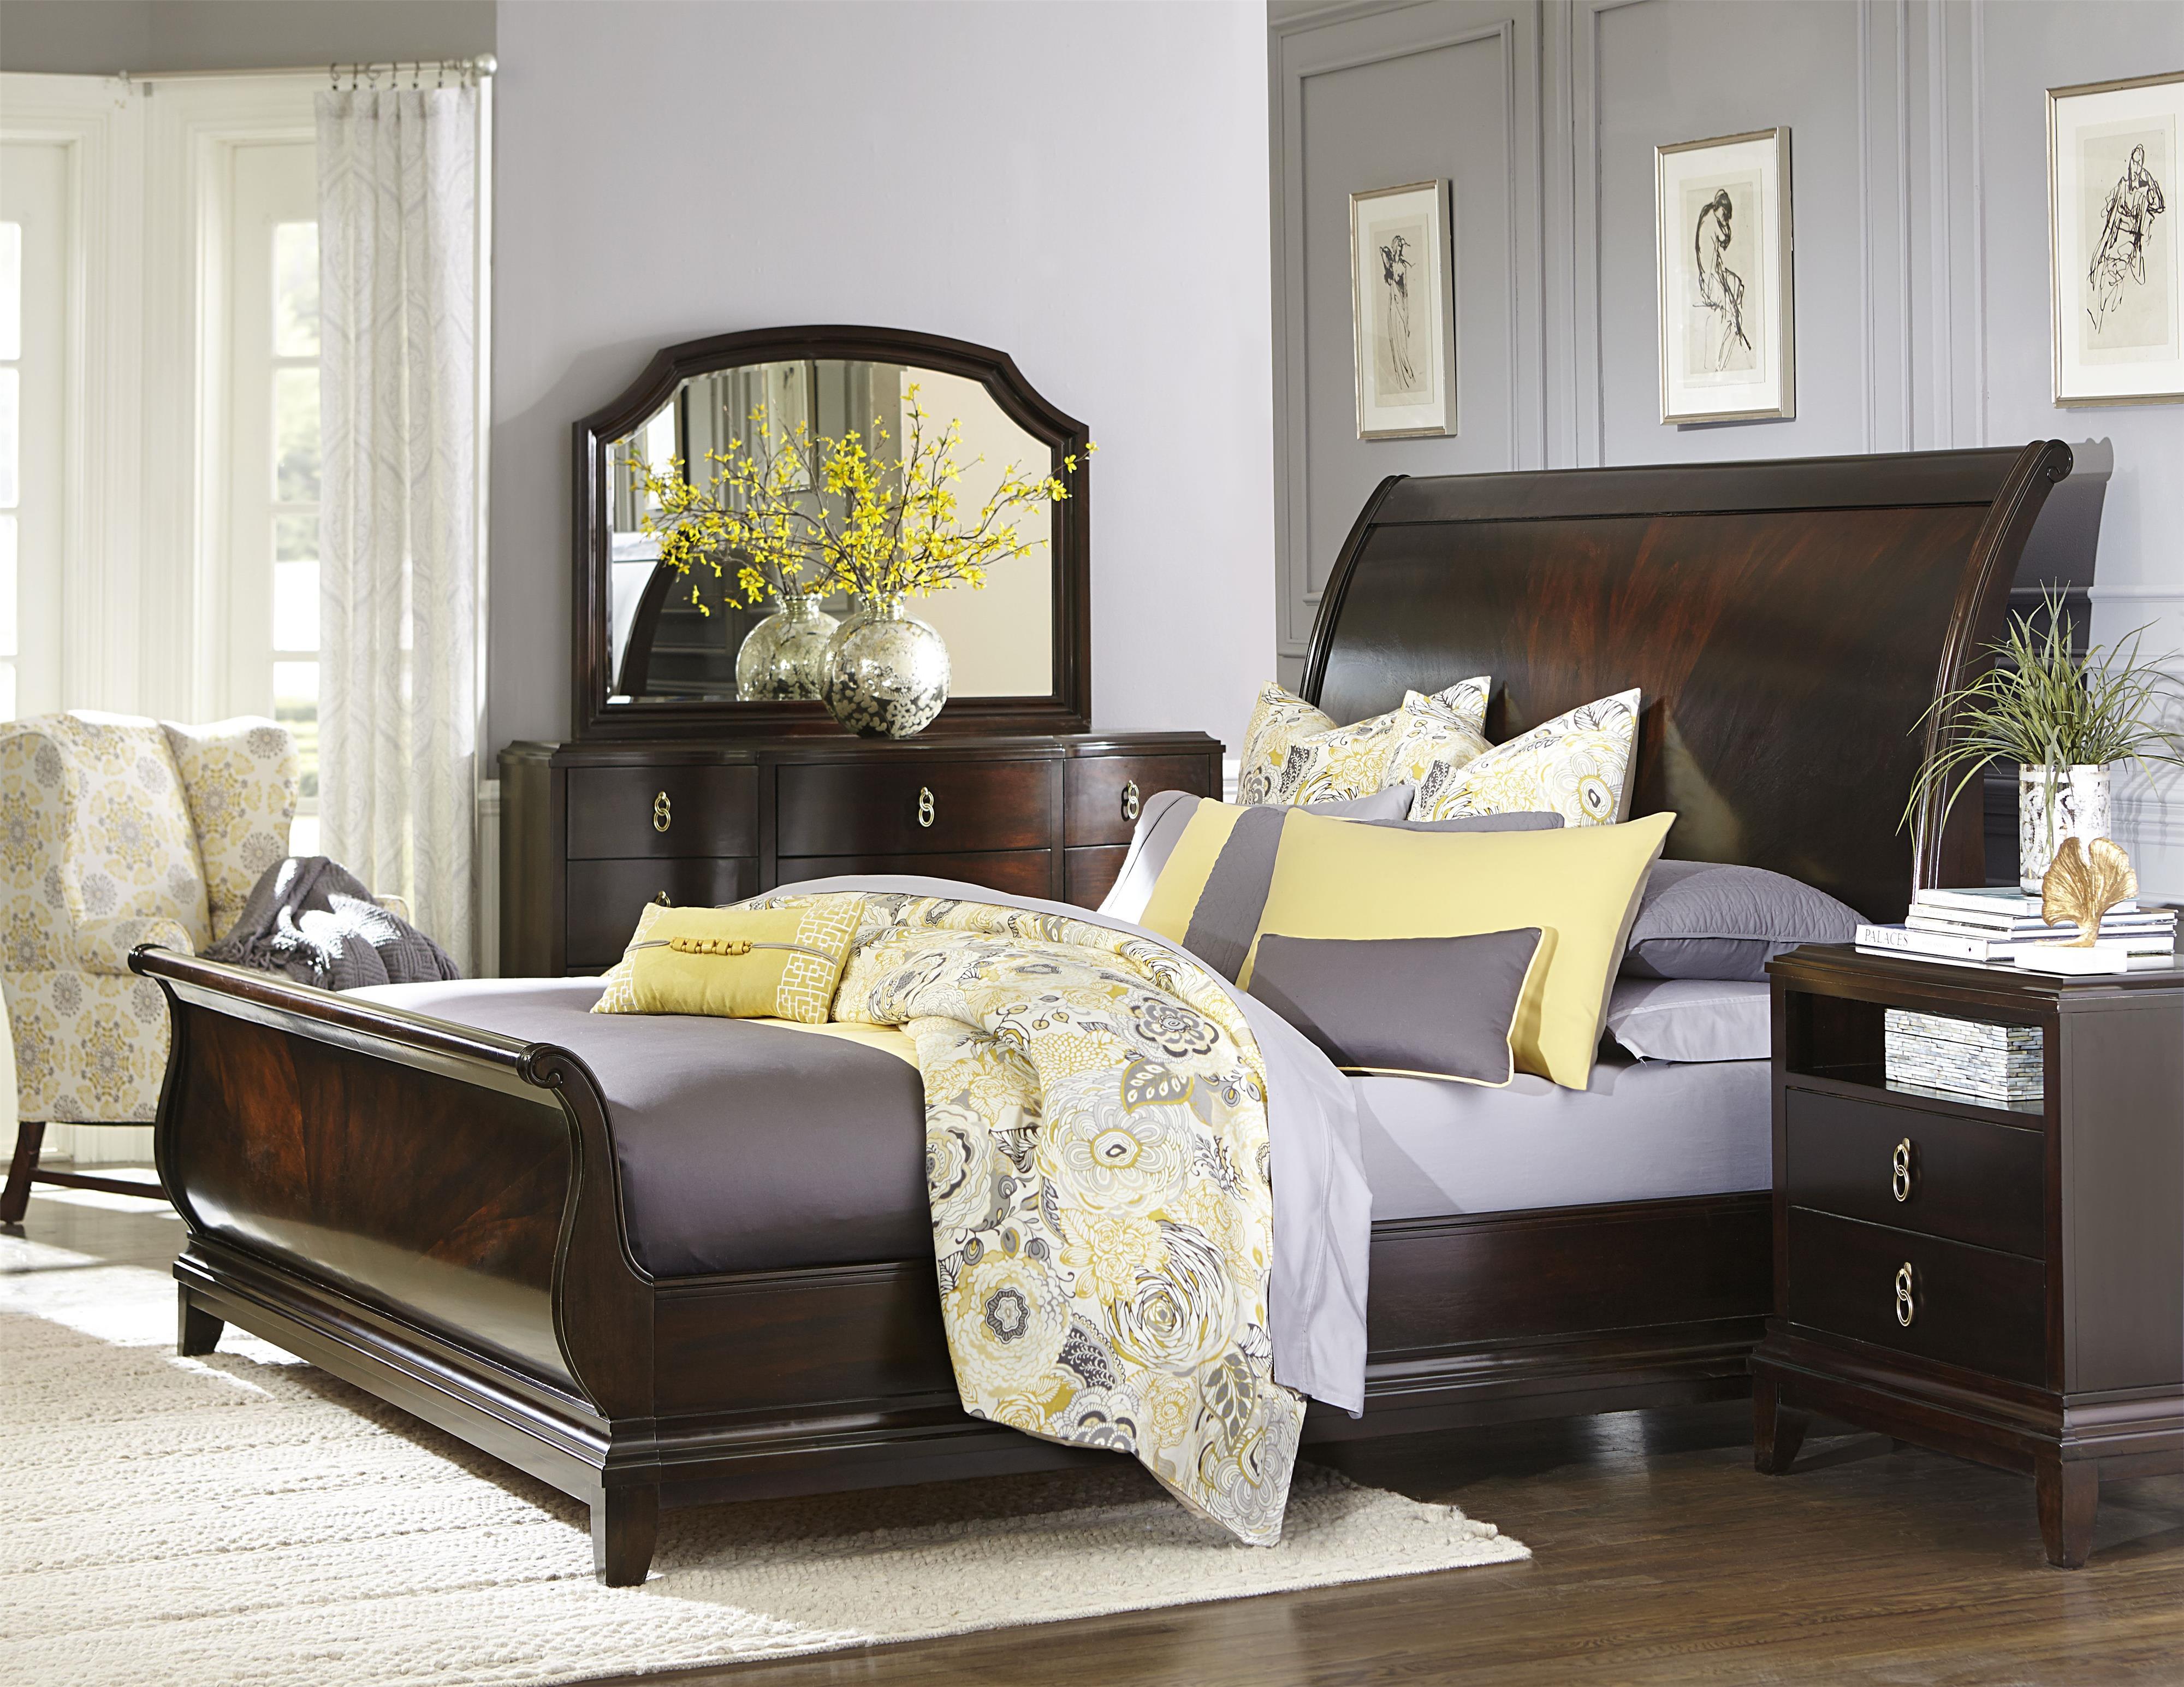 Legacy Classic Sophia King Bedroom Group 1 - Item Number: 4450 K Bedroom Group 1